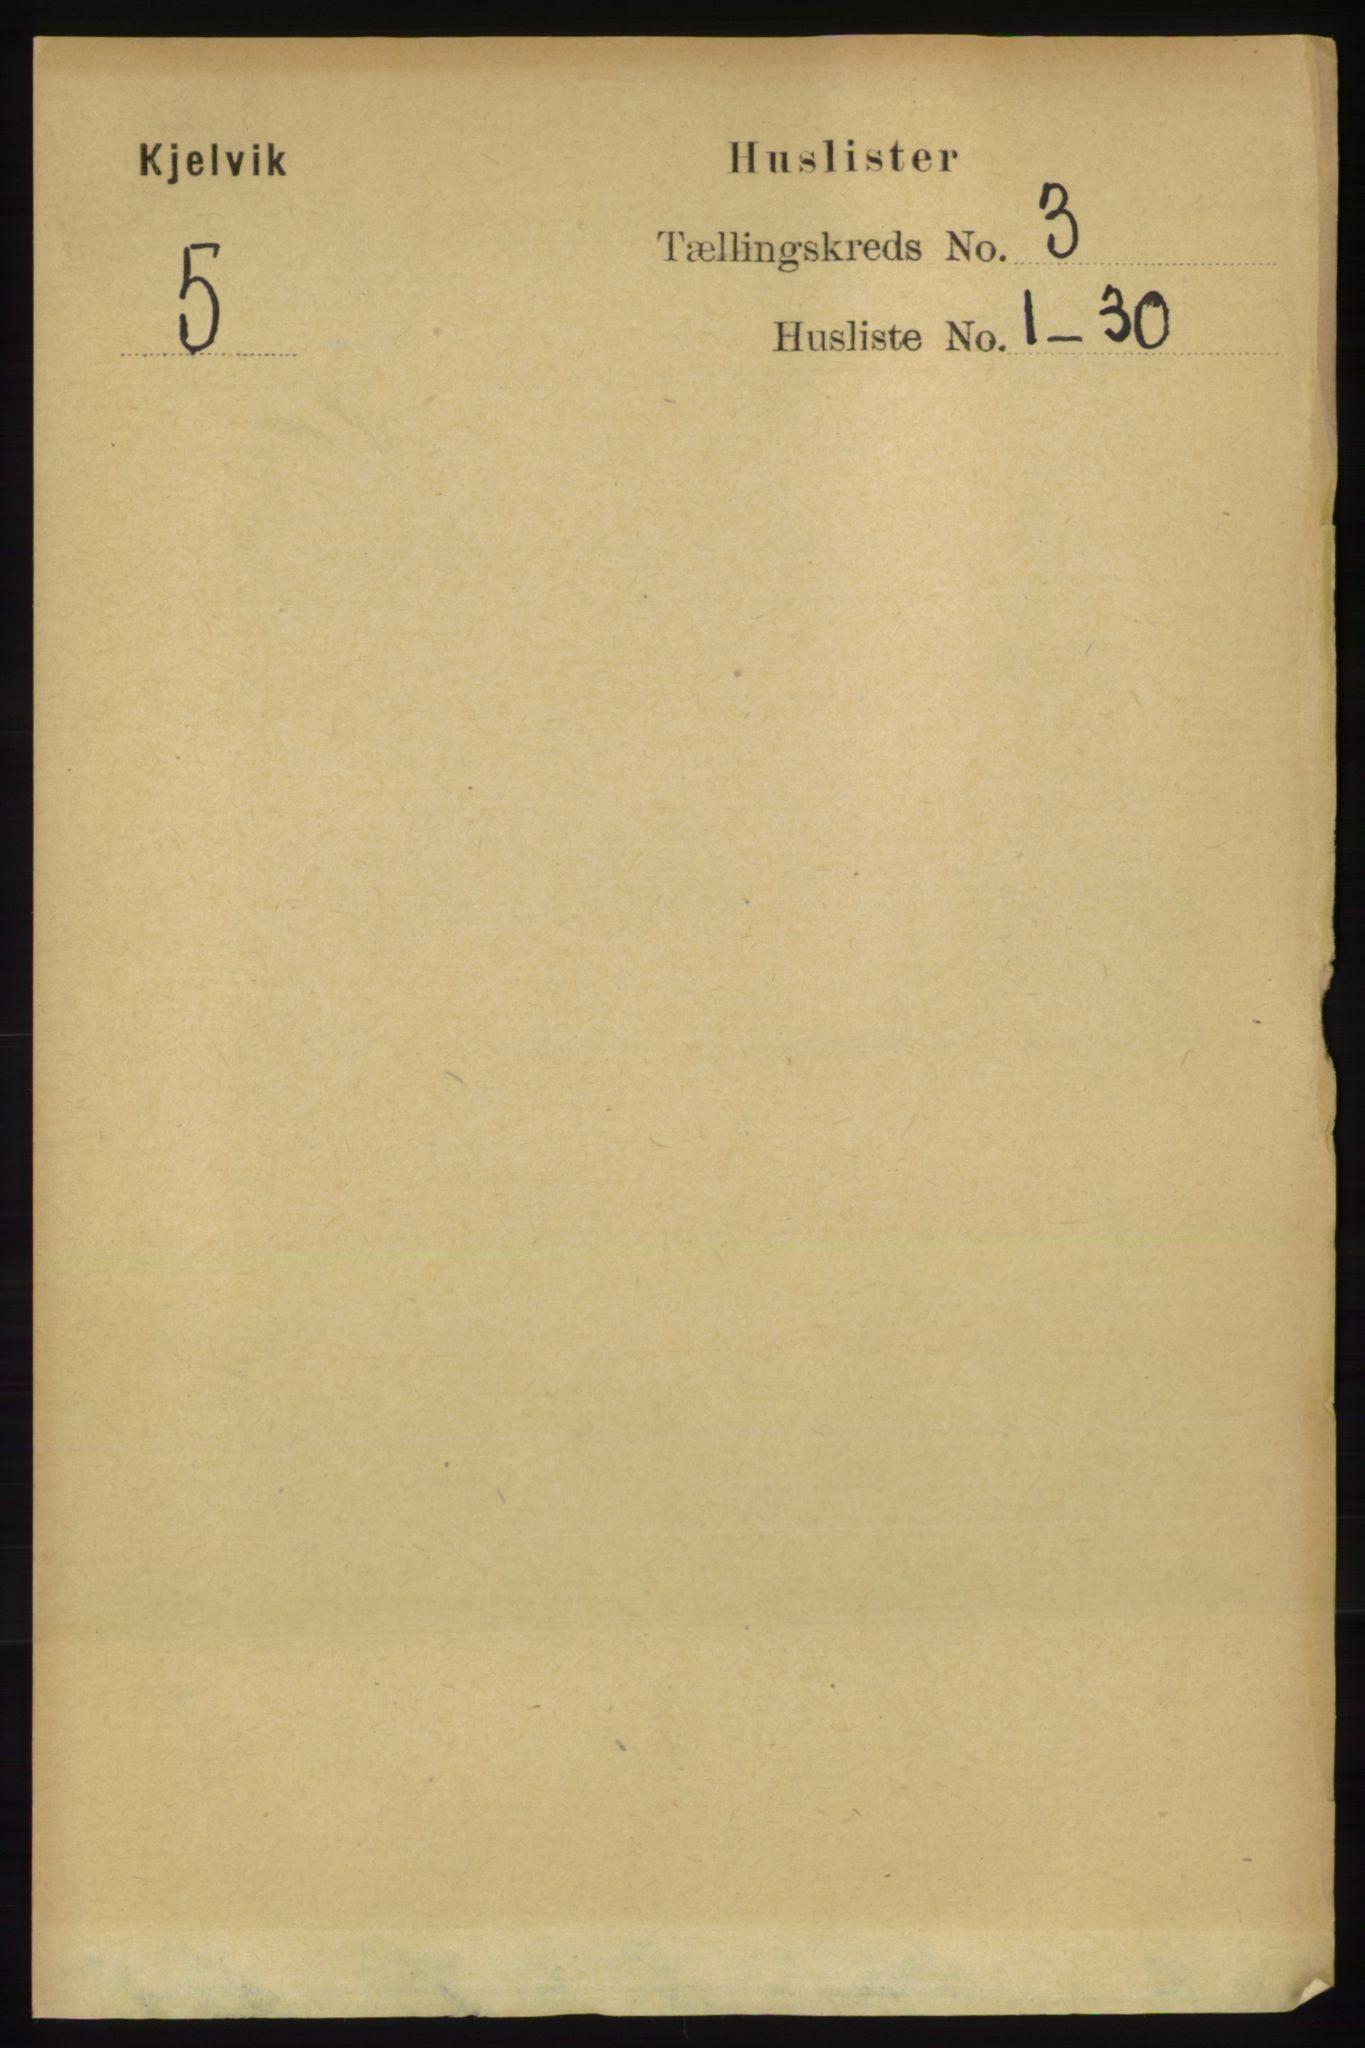 RA, Folketelling 1891 for 2019 Kjelvik herred, 1891, s. 214